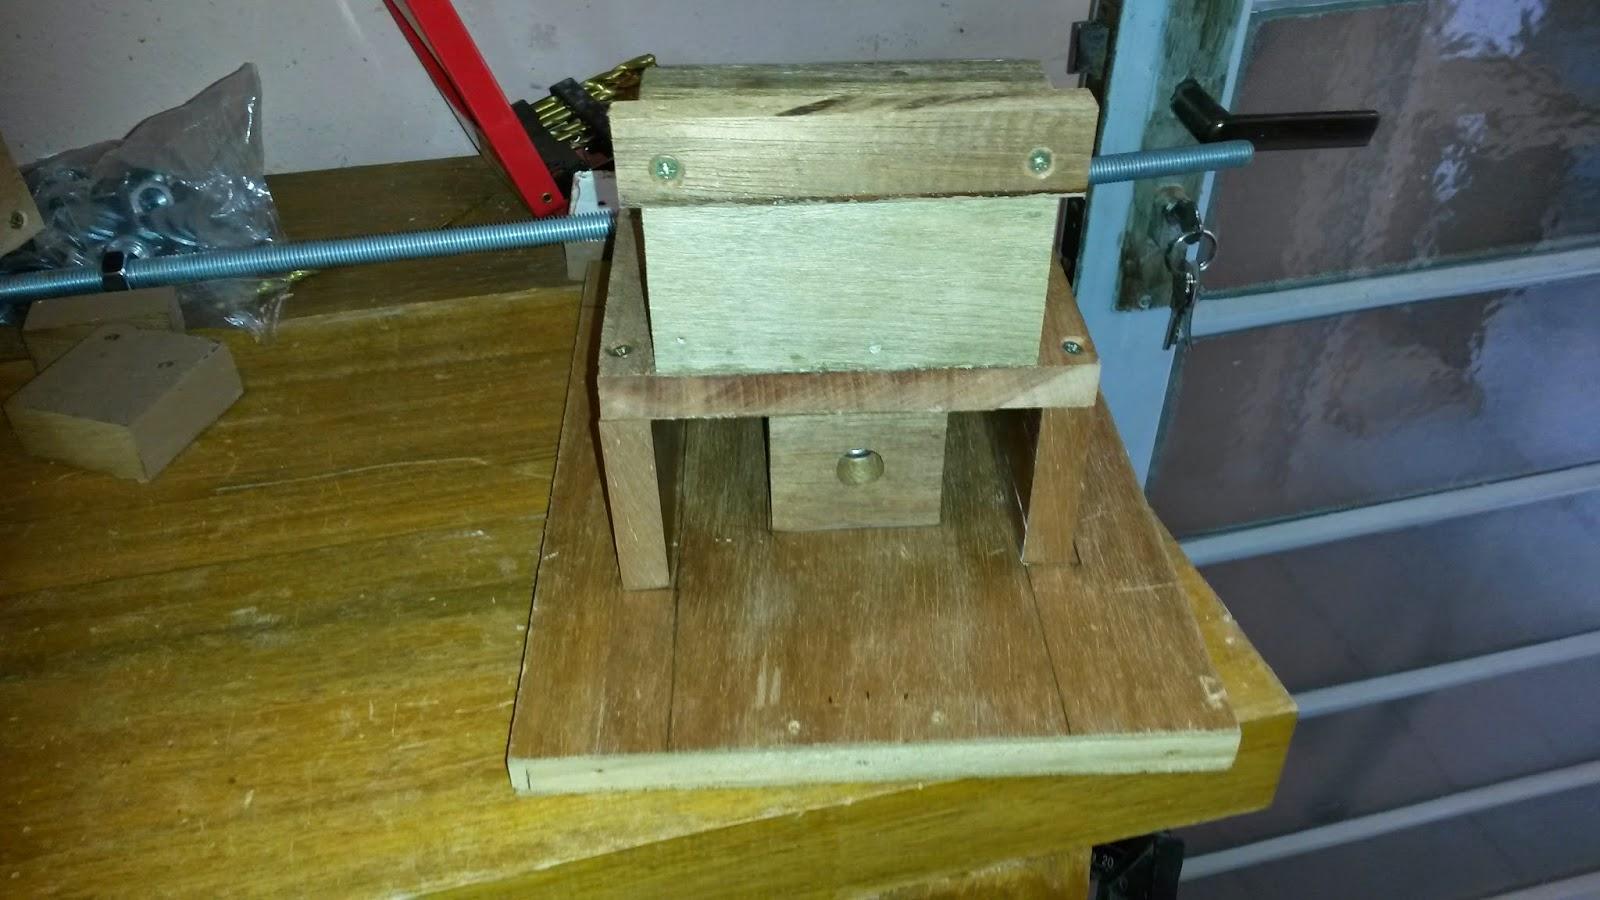 de madeira que sobrou do projeto do suporte de furadeira de bancada #614818 1600x900